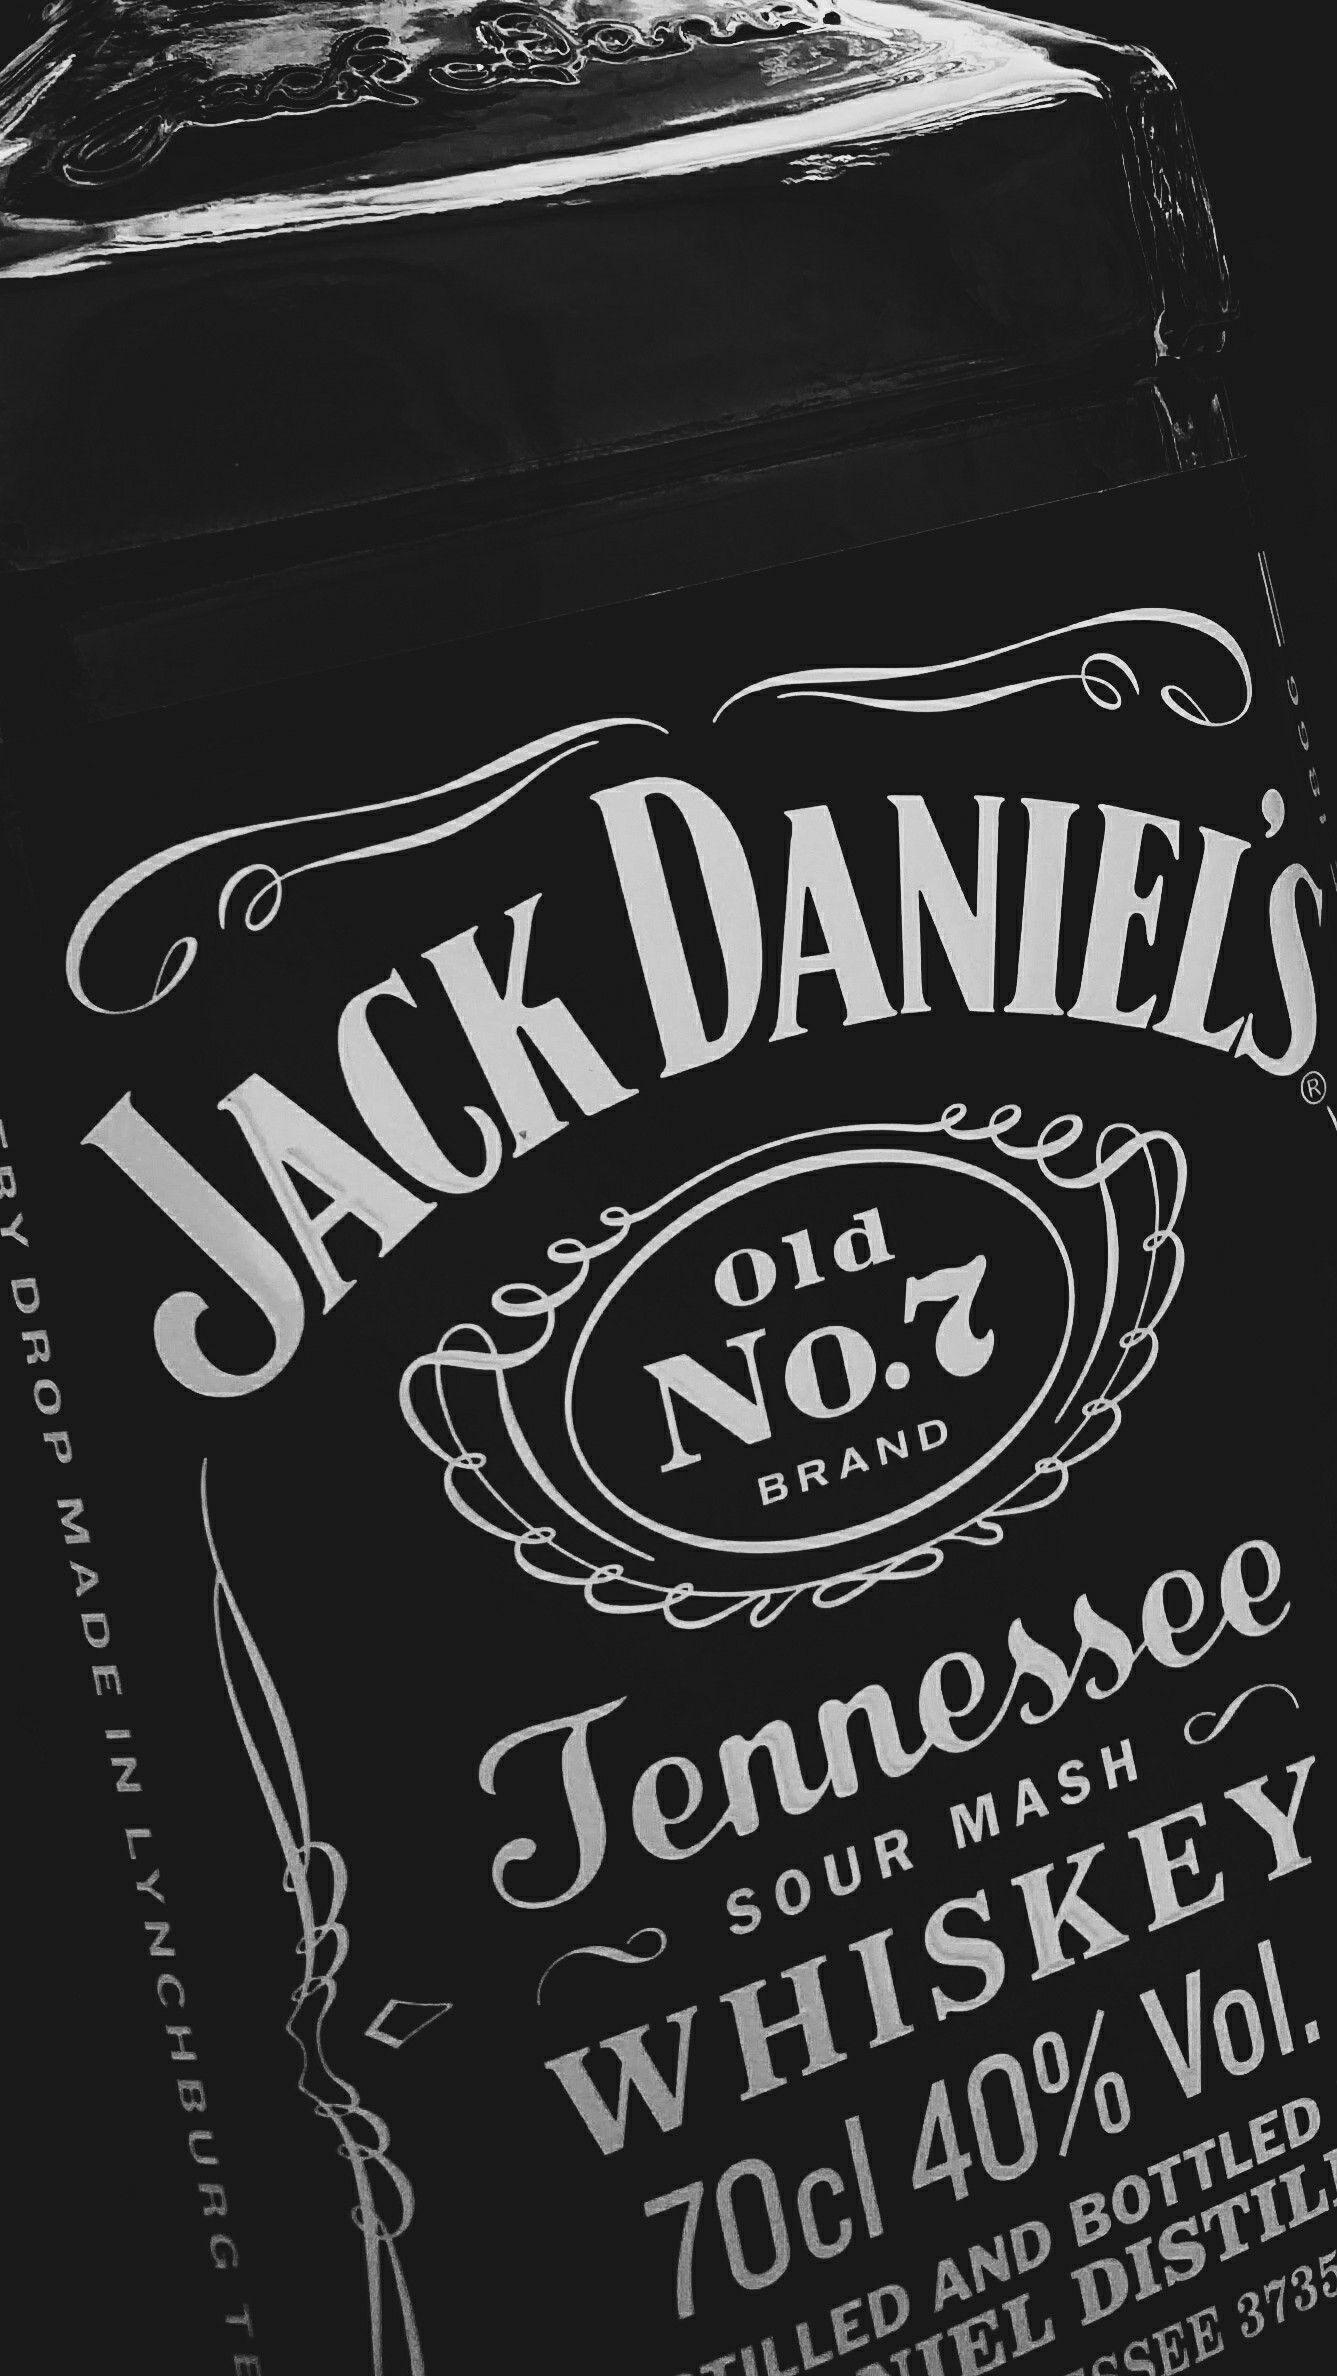 Jack Daniels Wallpaper Black Background Amoled Papeis De Parede De Jogos Papeis De Parede Fotos